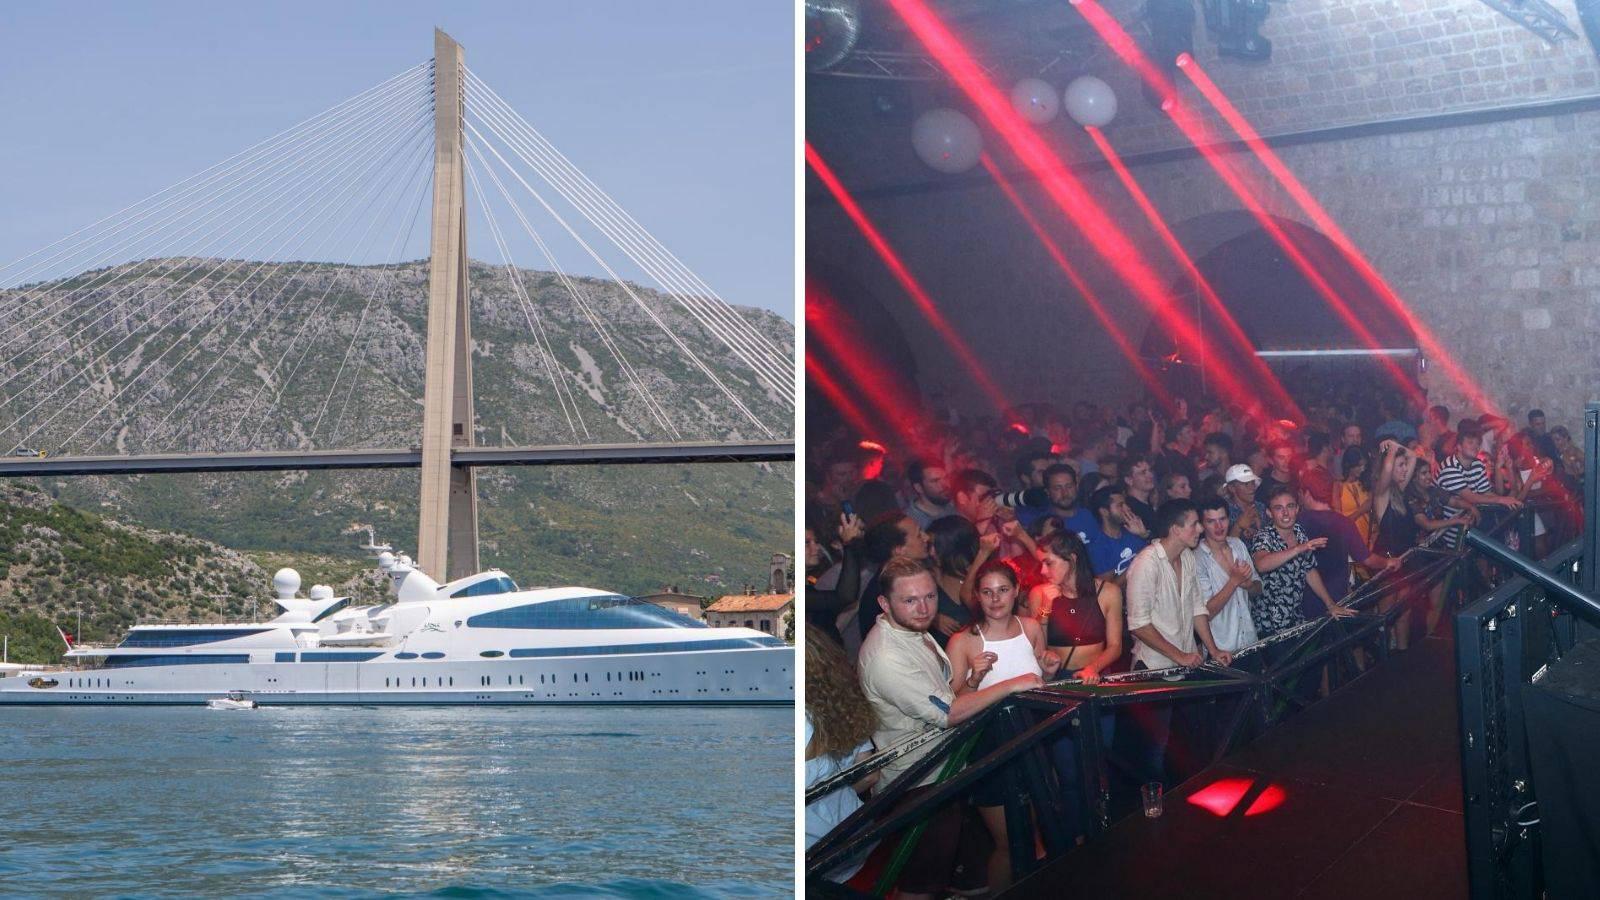 Milijarderi odbili platiti račun od 50.000 eura, došla policija